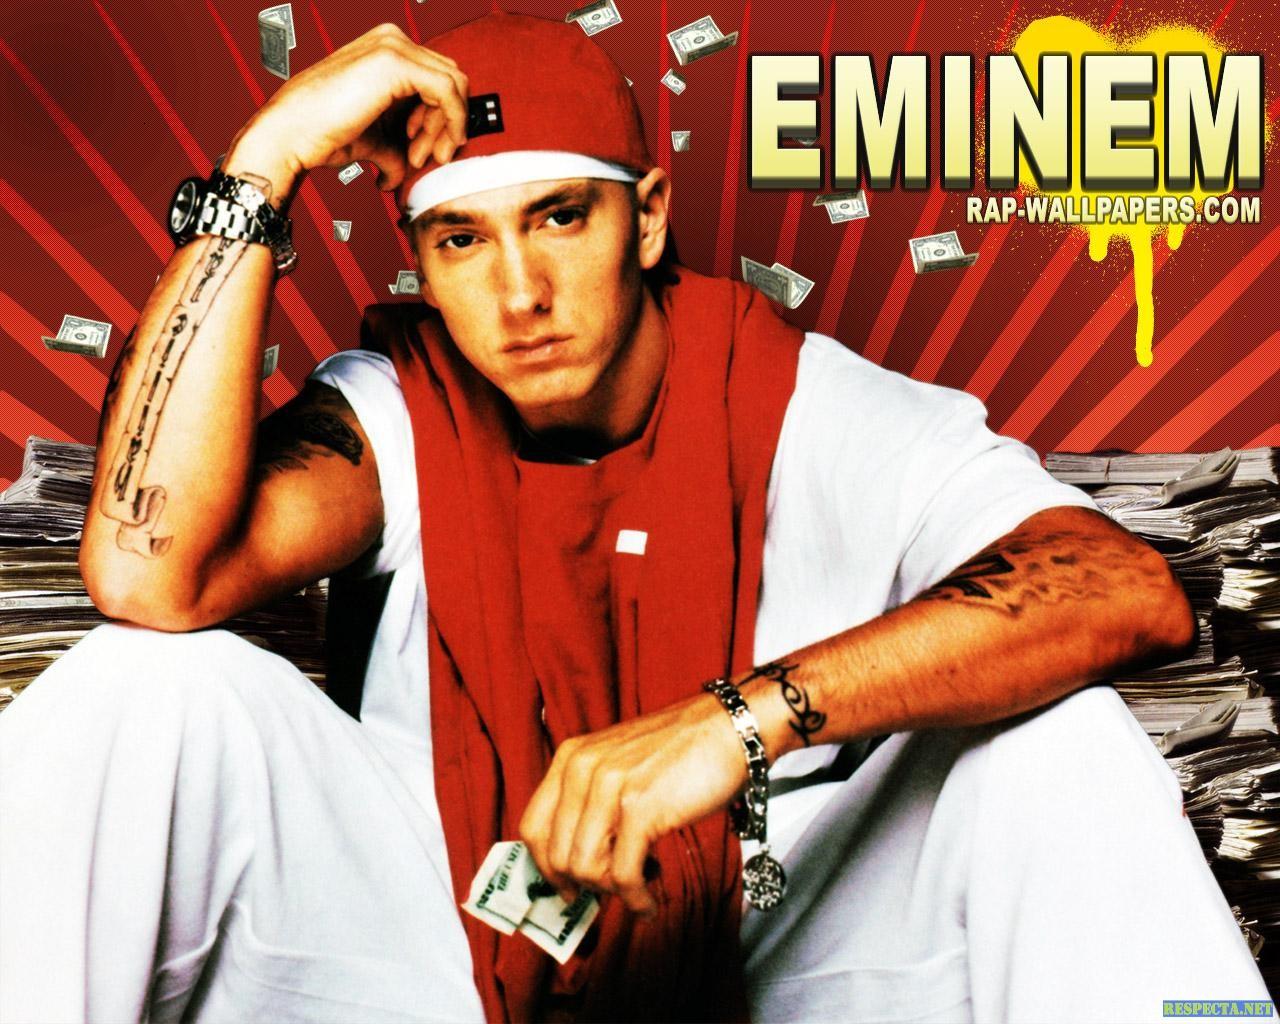 http://1.bp.blogspot.com/-1ECpnSxspP4/T30-d6niqbI/AAAAAAAABzU/fmF0mePus1A/s1600/Eminem-07.jpg